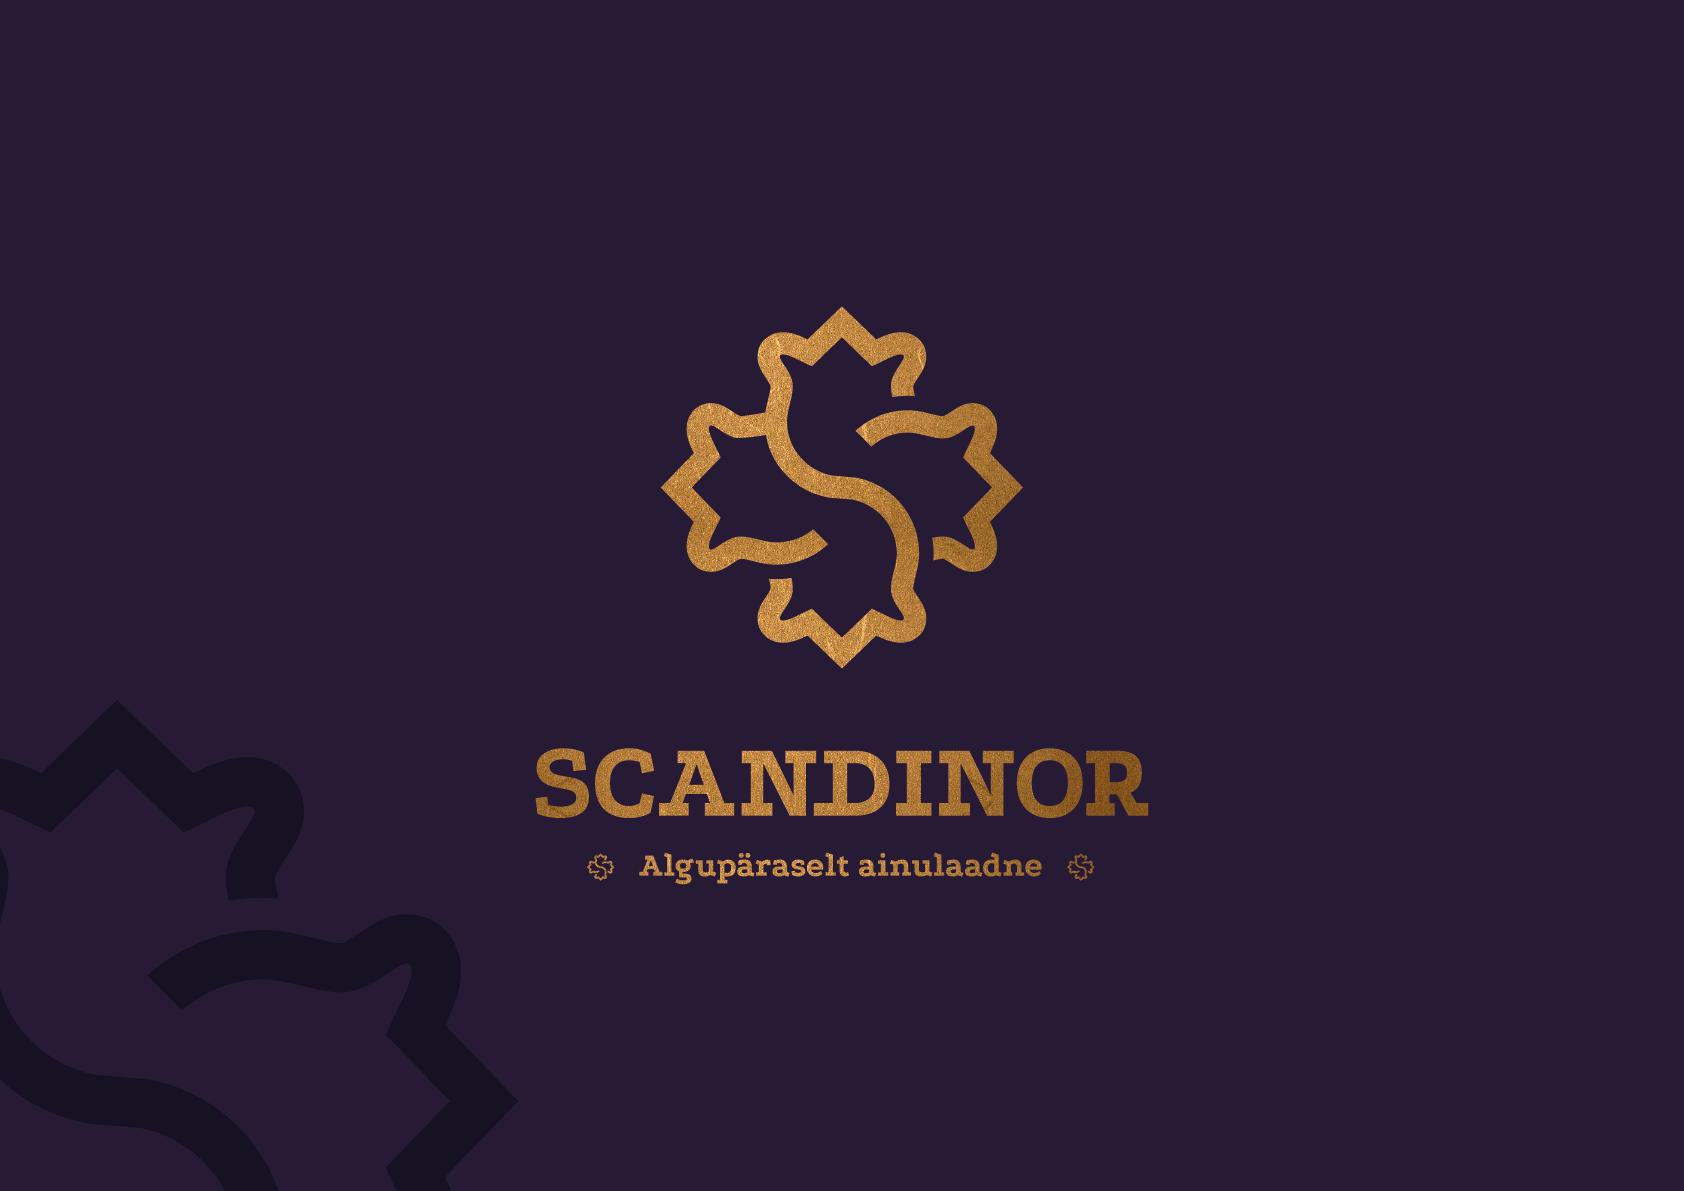 Scandinor brändiloome